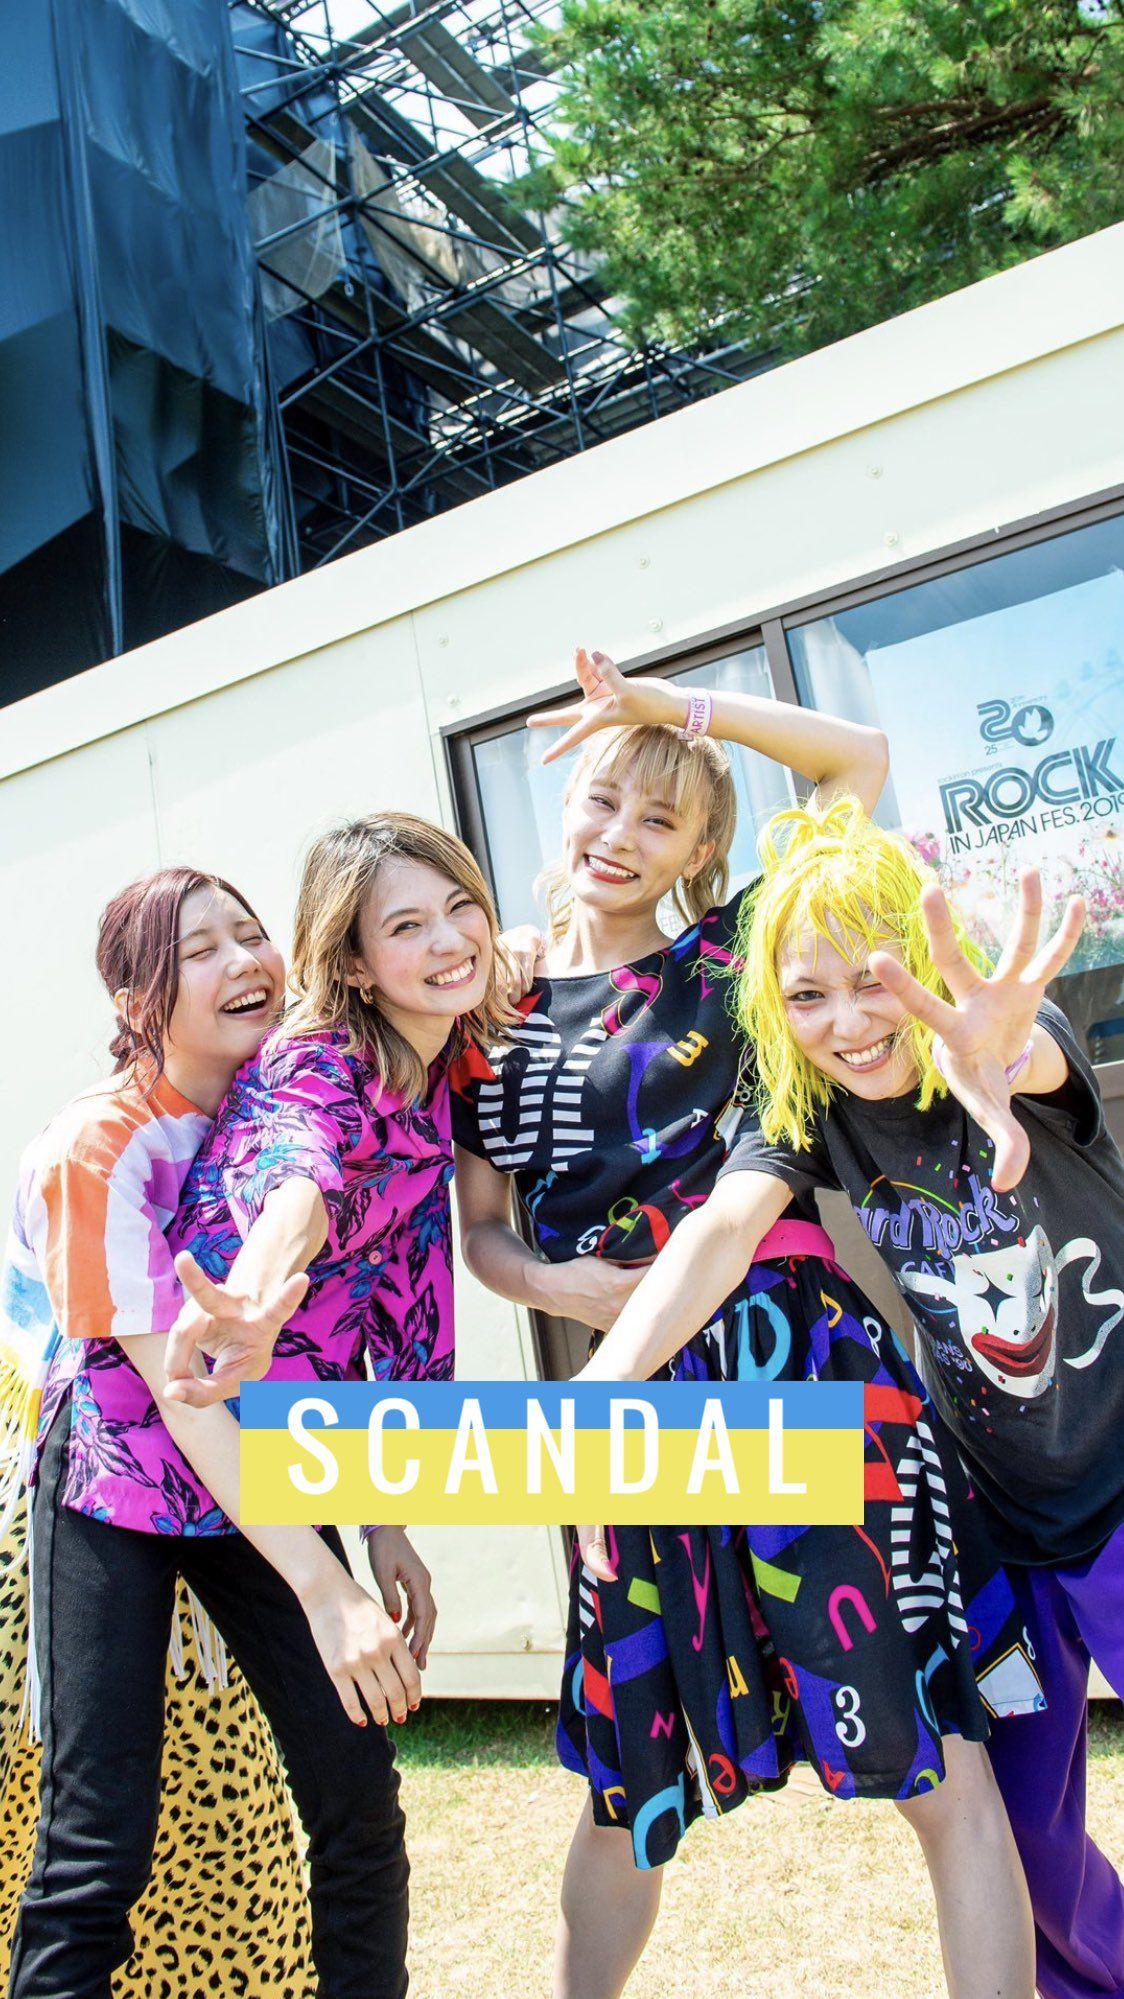 ゆか Scandal壁紙rt垢 In Scandal Japanese Band Scandal Japan